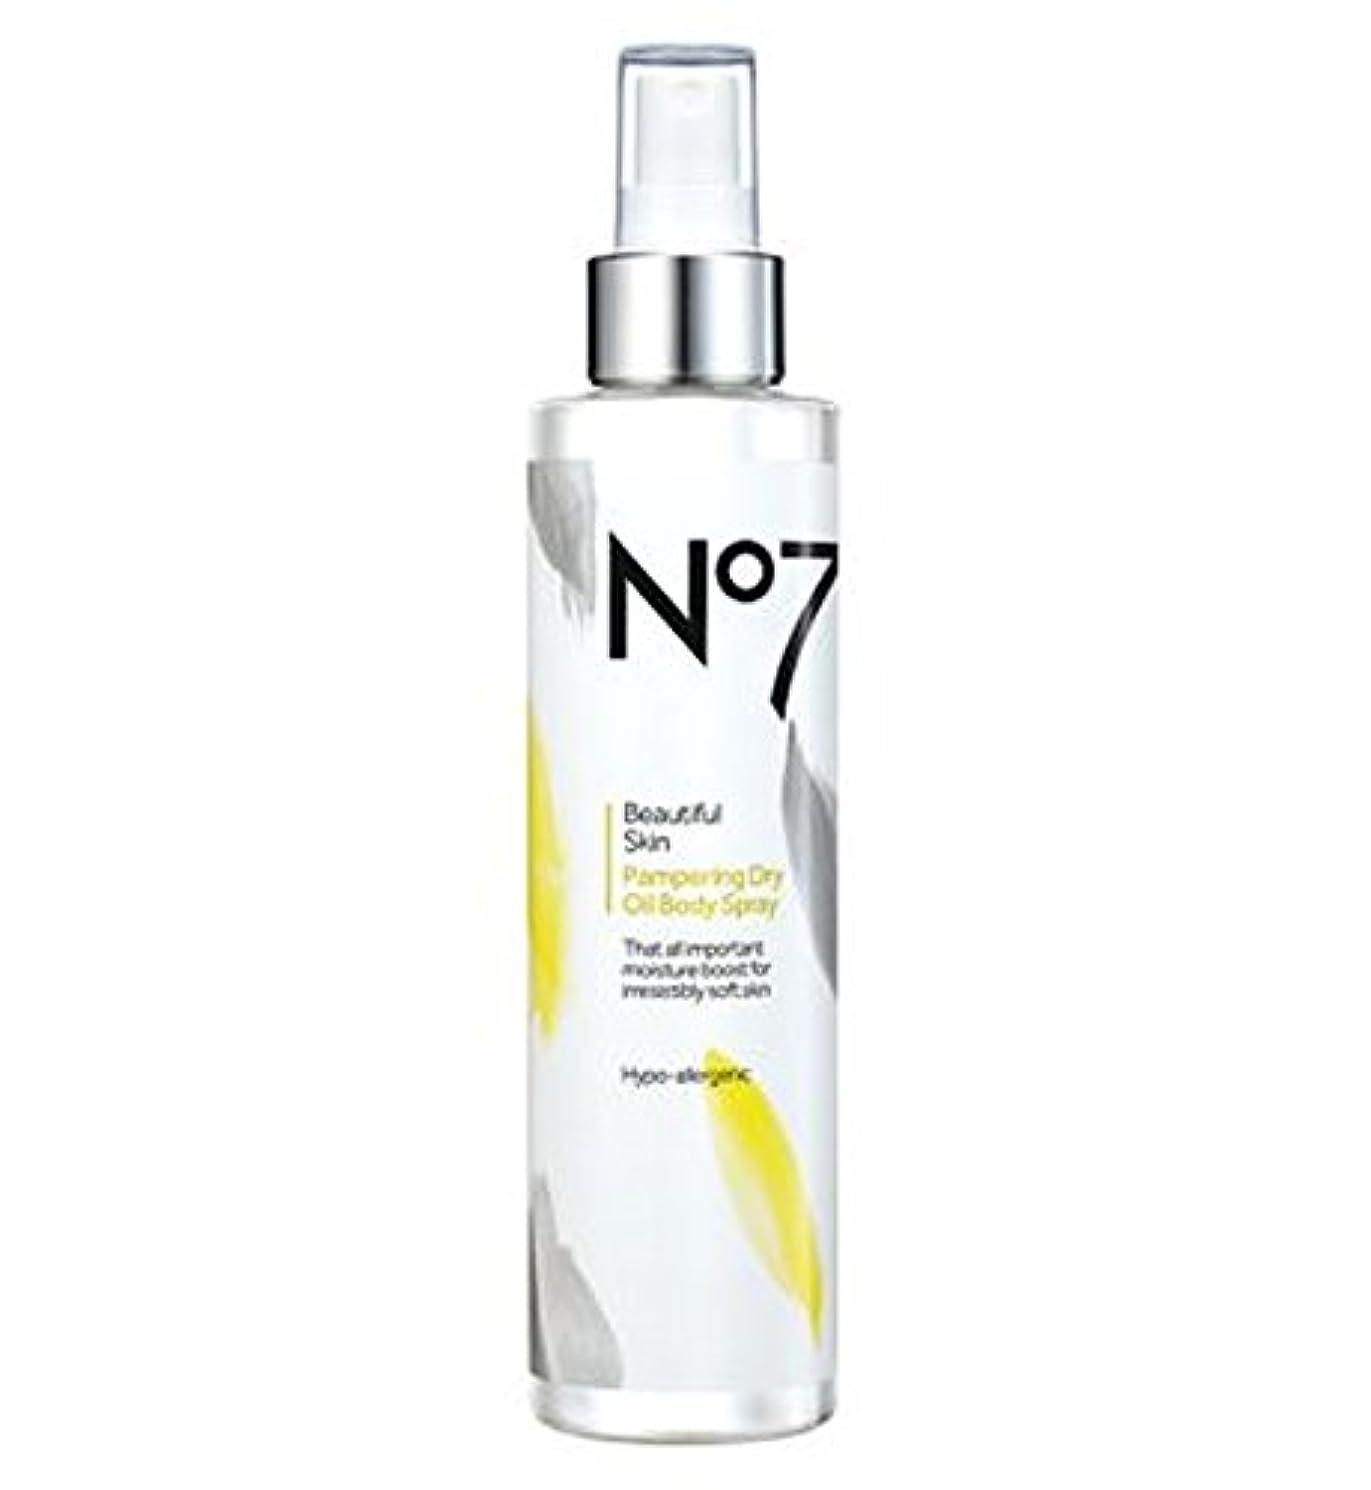 ぐるぐるハウス太字No7美肌贅沢ドライボディオイル (No7) (x2) - No7 Beautiful Skin Pampering Dry Body Oil (Pack of 2) [並行輸入品]